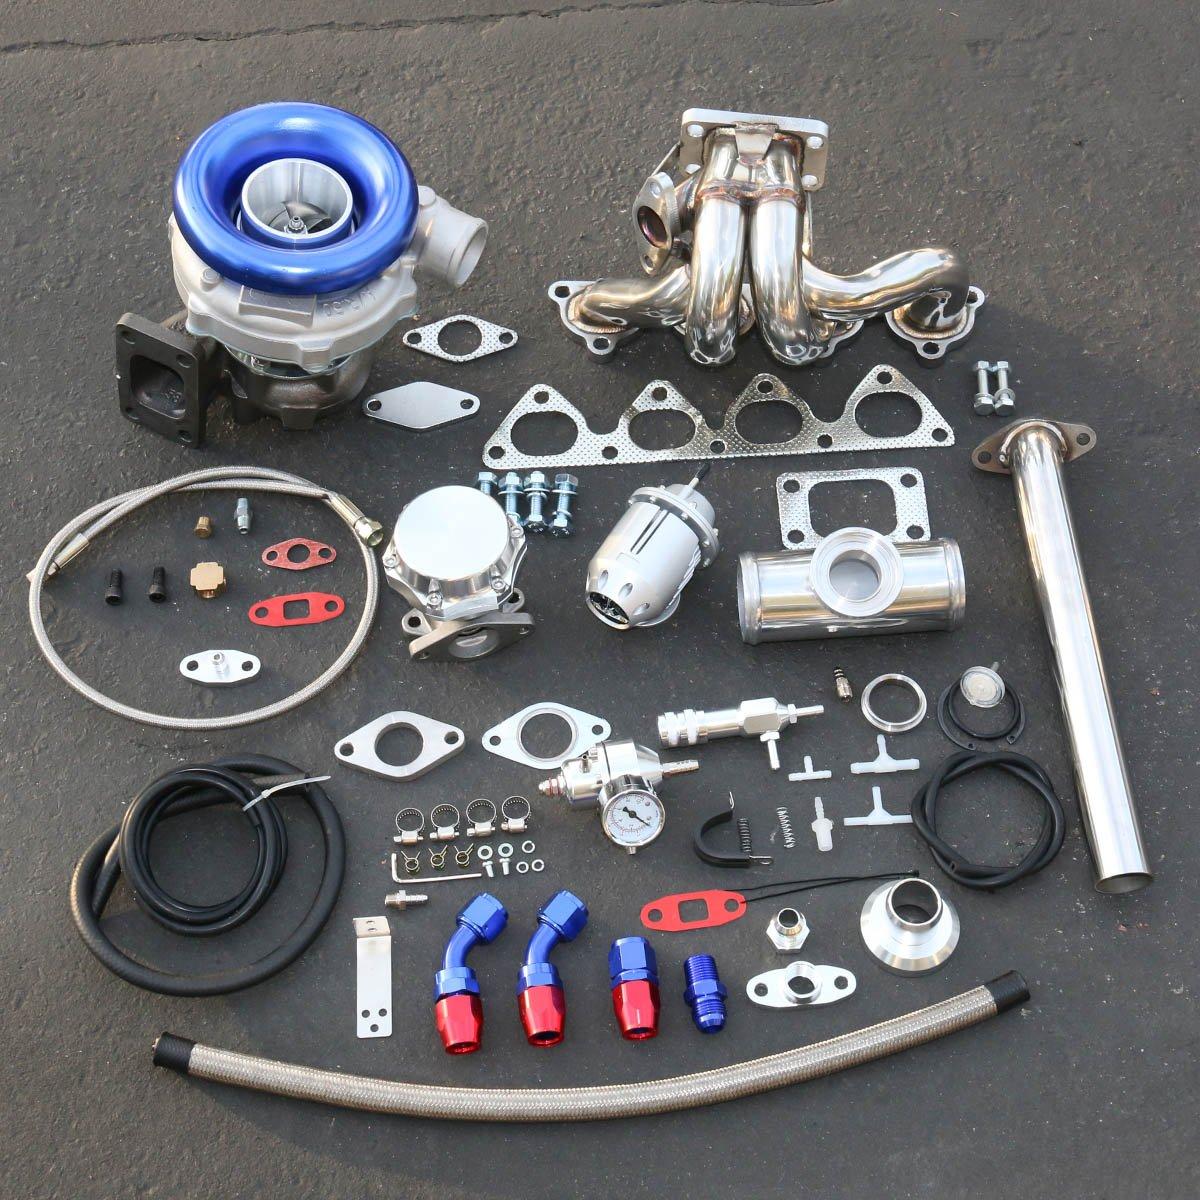 Amazon com: For Honda B-Series High Performance 13pcs T04E Turbo